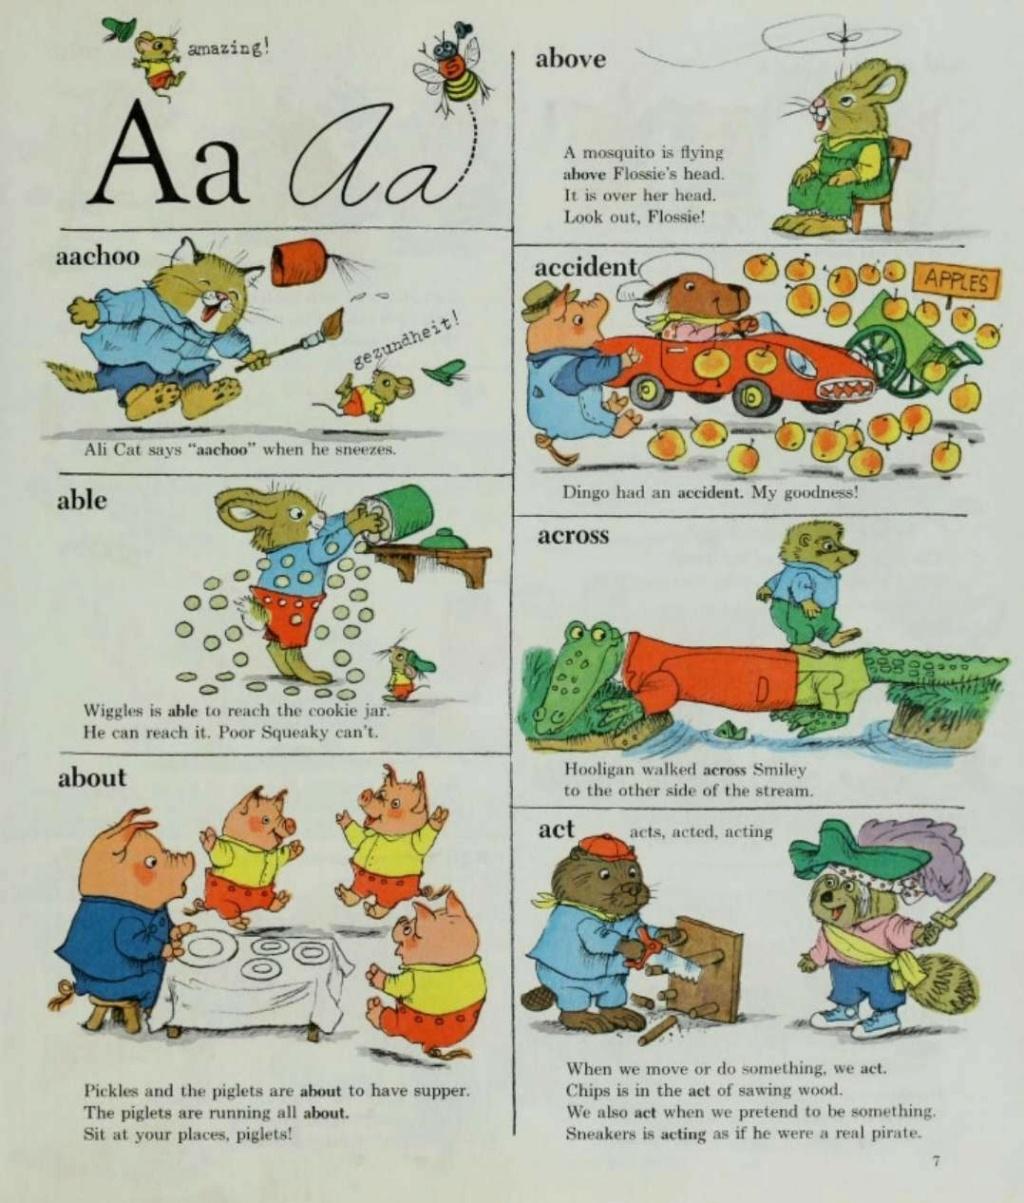 تحميل   قاموس القصص ( Storybook Dictionary ) القاموس نادر جداً و ممتاز جداً للأطفال والمبتدئين 366610